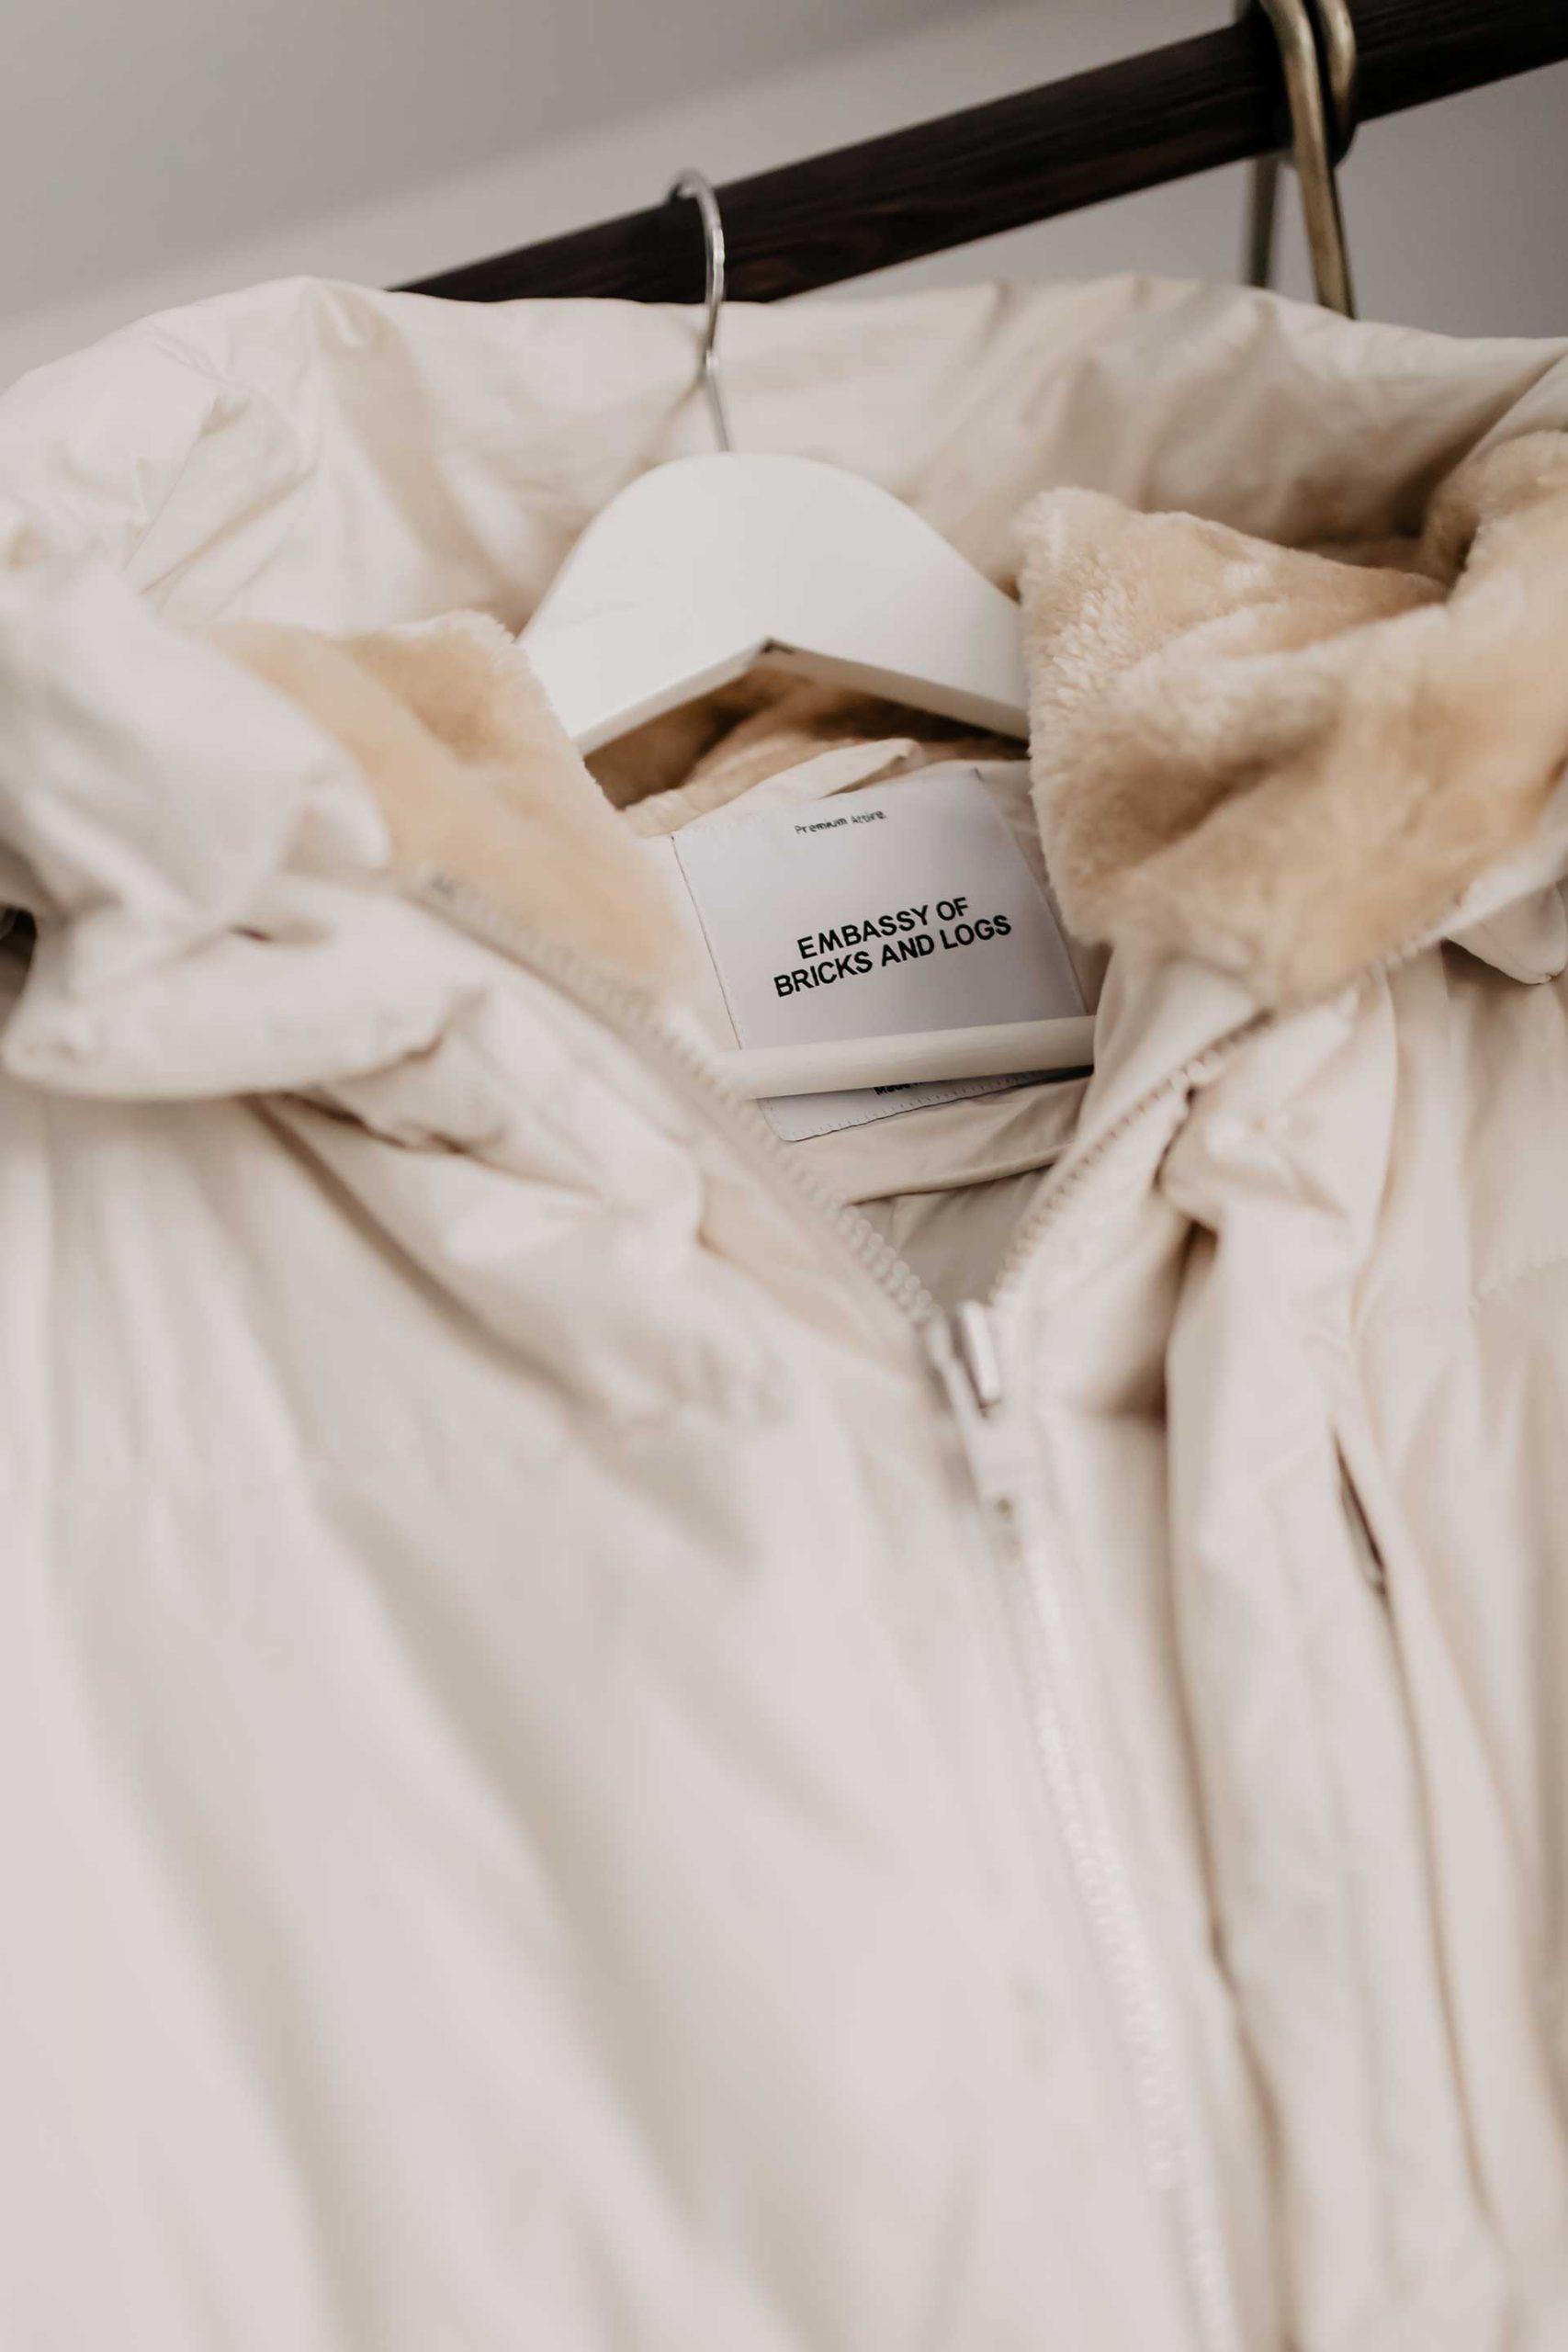 Auf dem Modeblog dreht sich heute alles um die vegane Fair Fashion Marke Embassy of Bricks and Logs. Wo du die Outerwear online kaufen kannst und warum ich die nachhaltige Modemarke so liebe, erzähle ich dir auf whoismocca.com #nachhaltigkeit #fairfashion #veganemode #fairemode #embassyofbricksandlogs